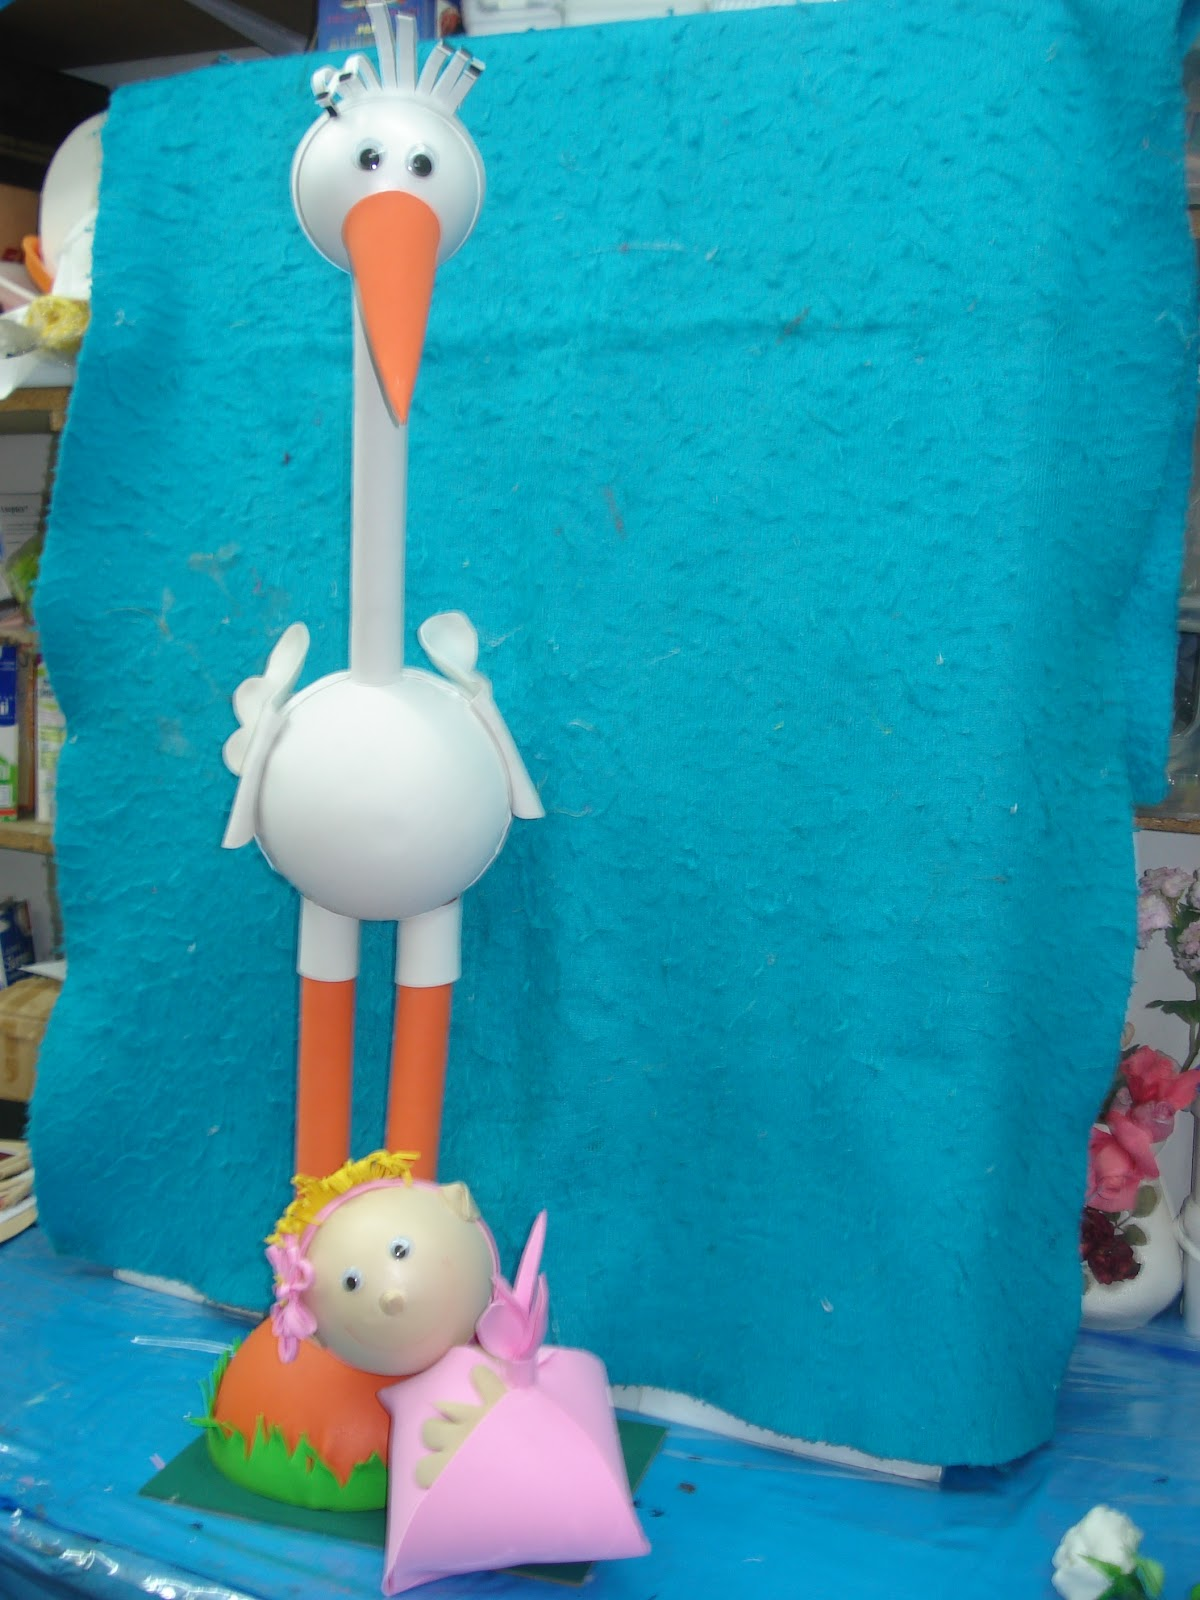 esta vez hemos hecho una ciguena de goma eva llevando un bebe